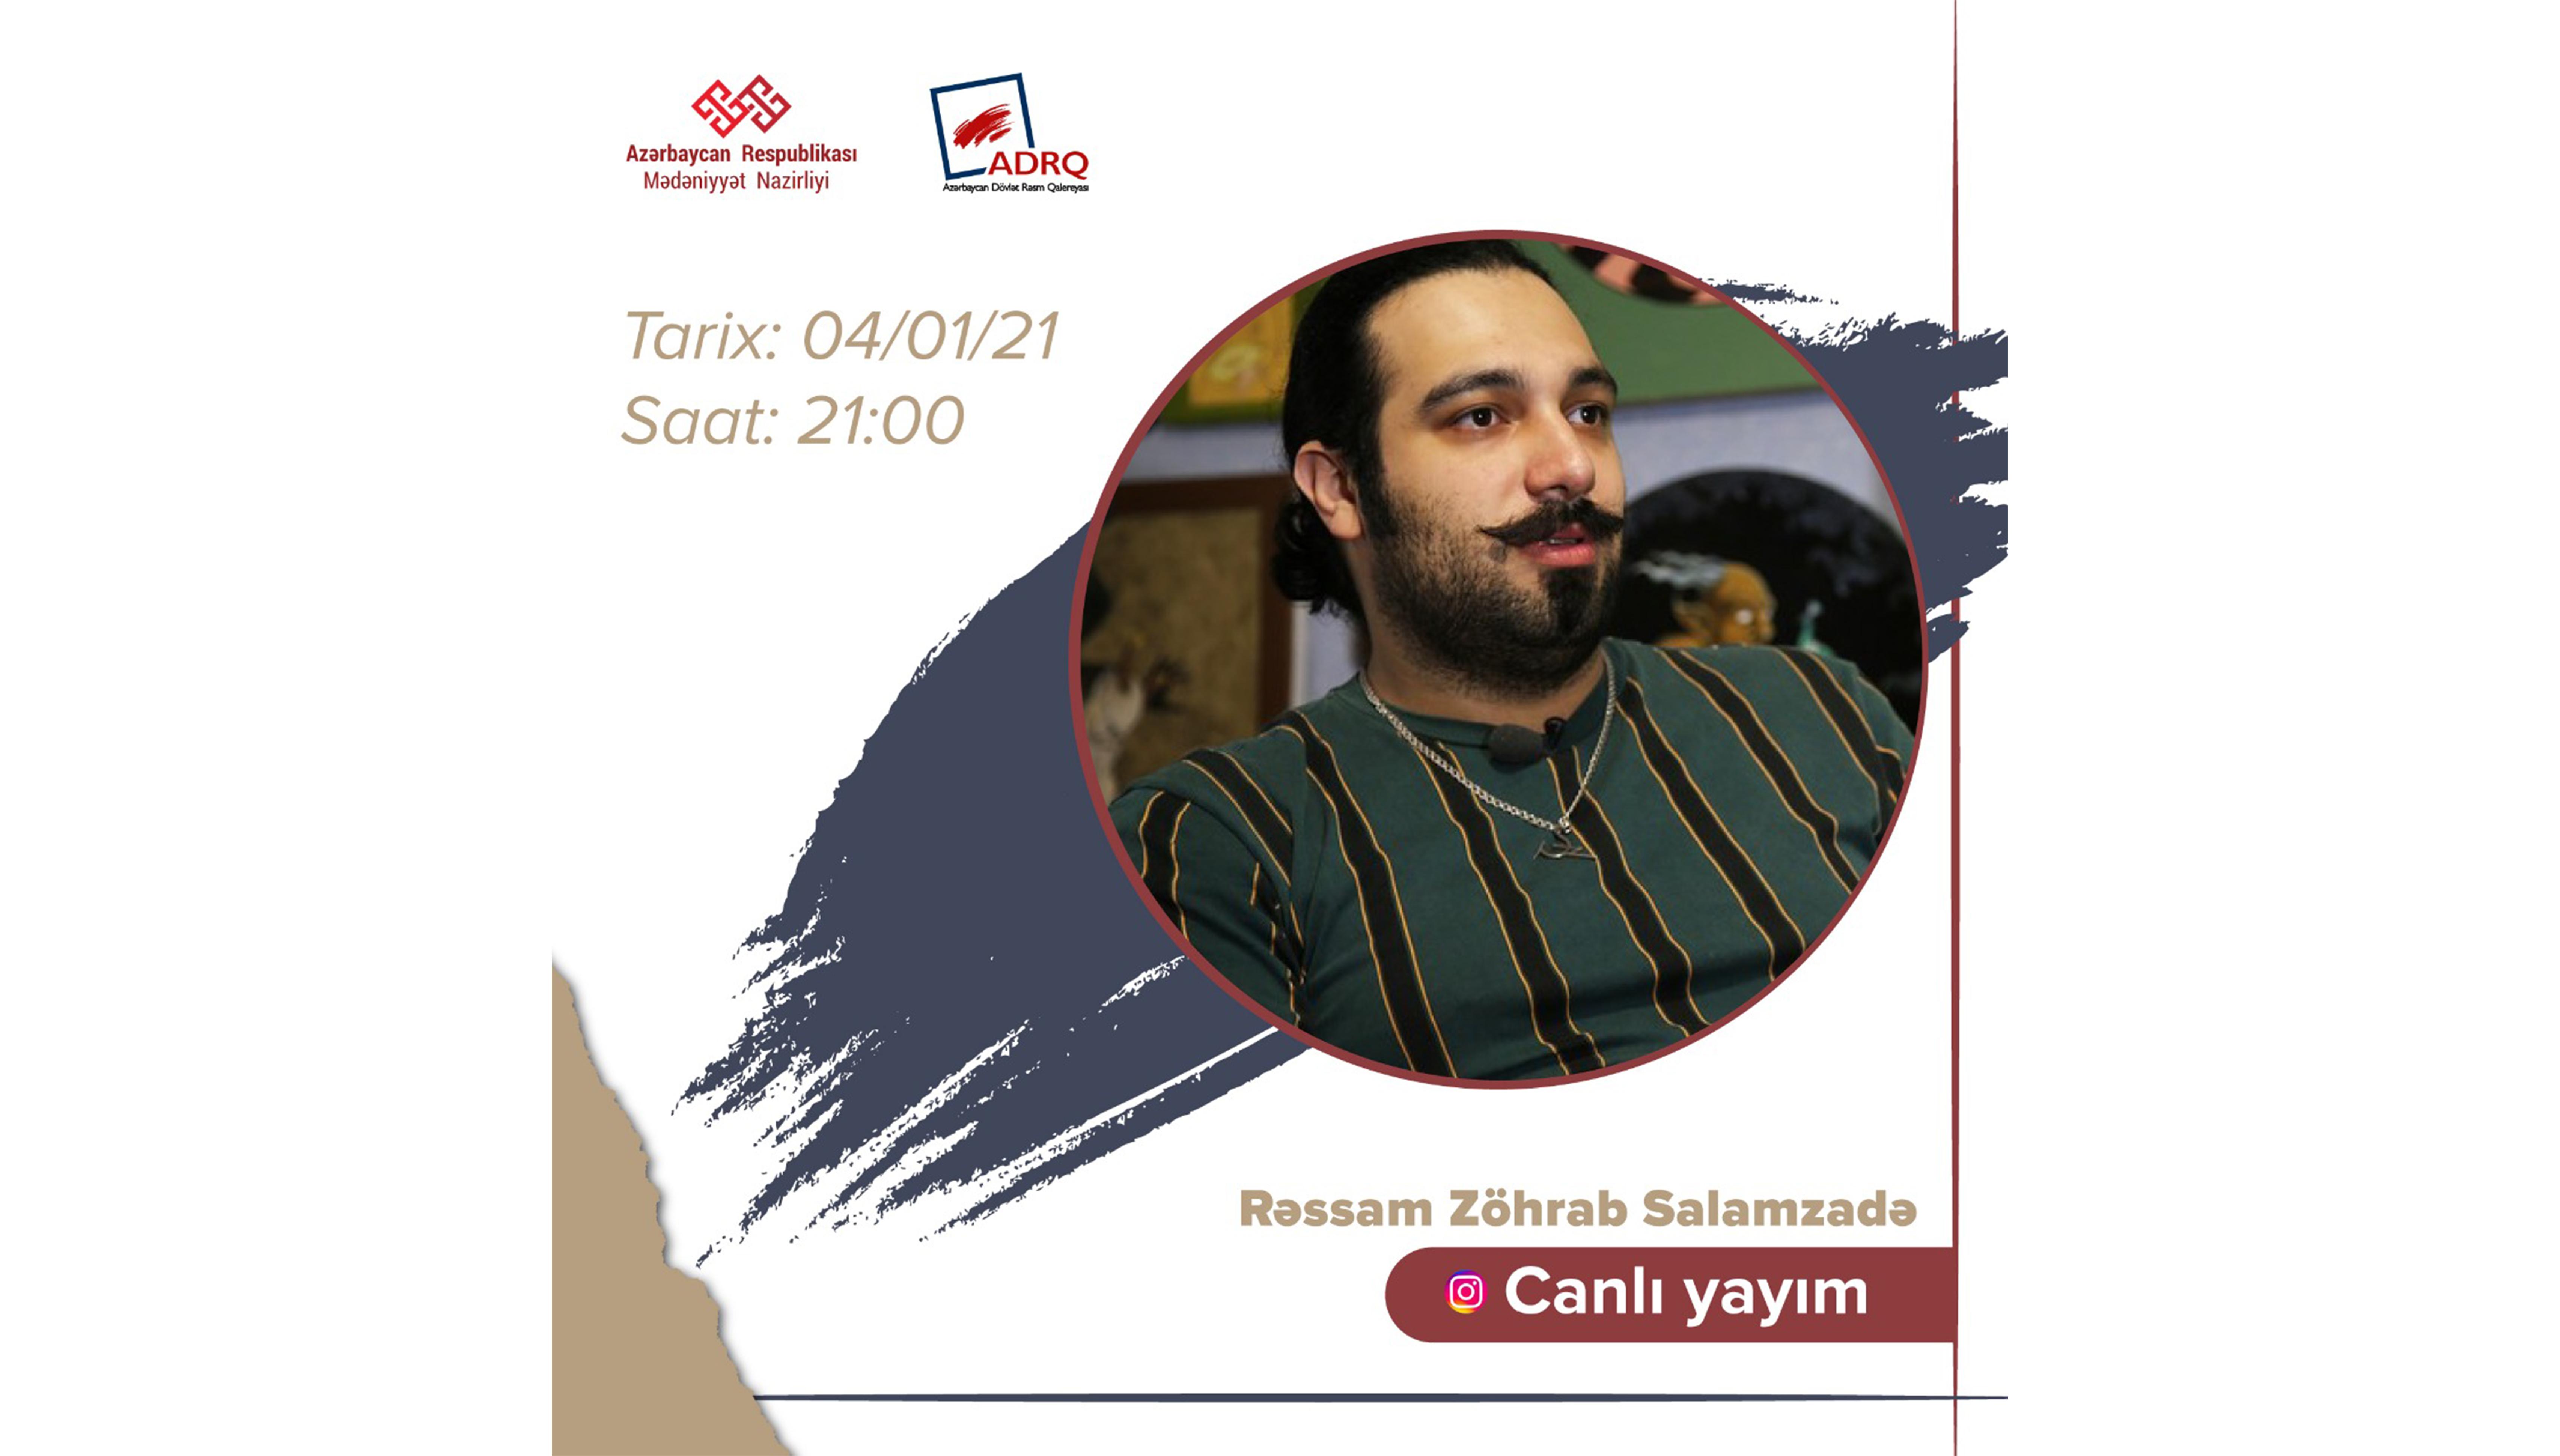 Rəssam Zöhrab Salam-zadə ilə izləyicilərin canlı yayım vasitəsilə görüşü baş tutacaq